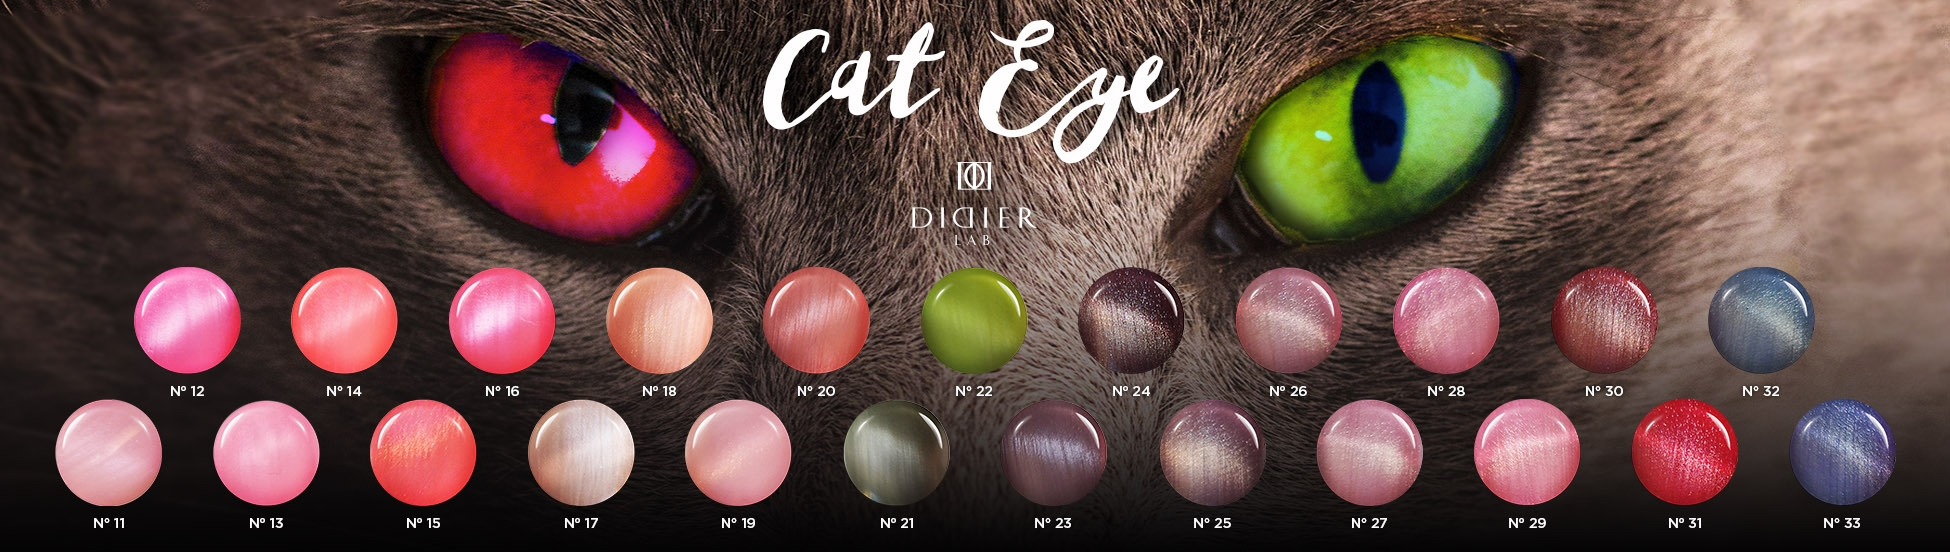 cat-eye-1